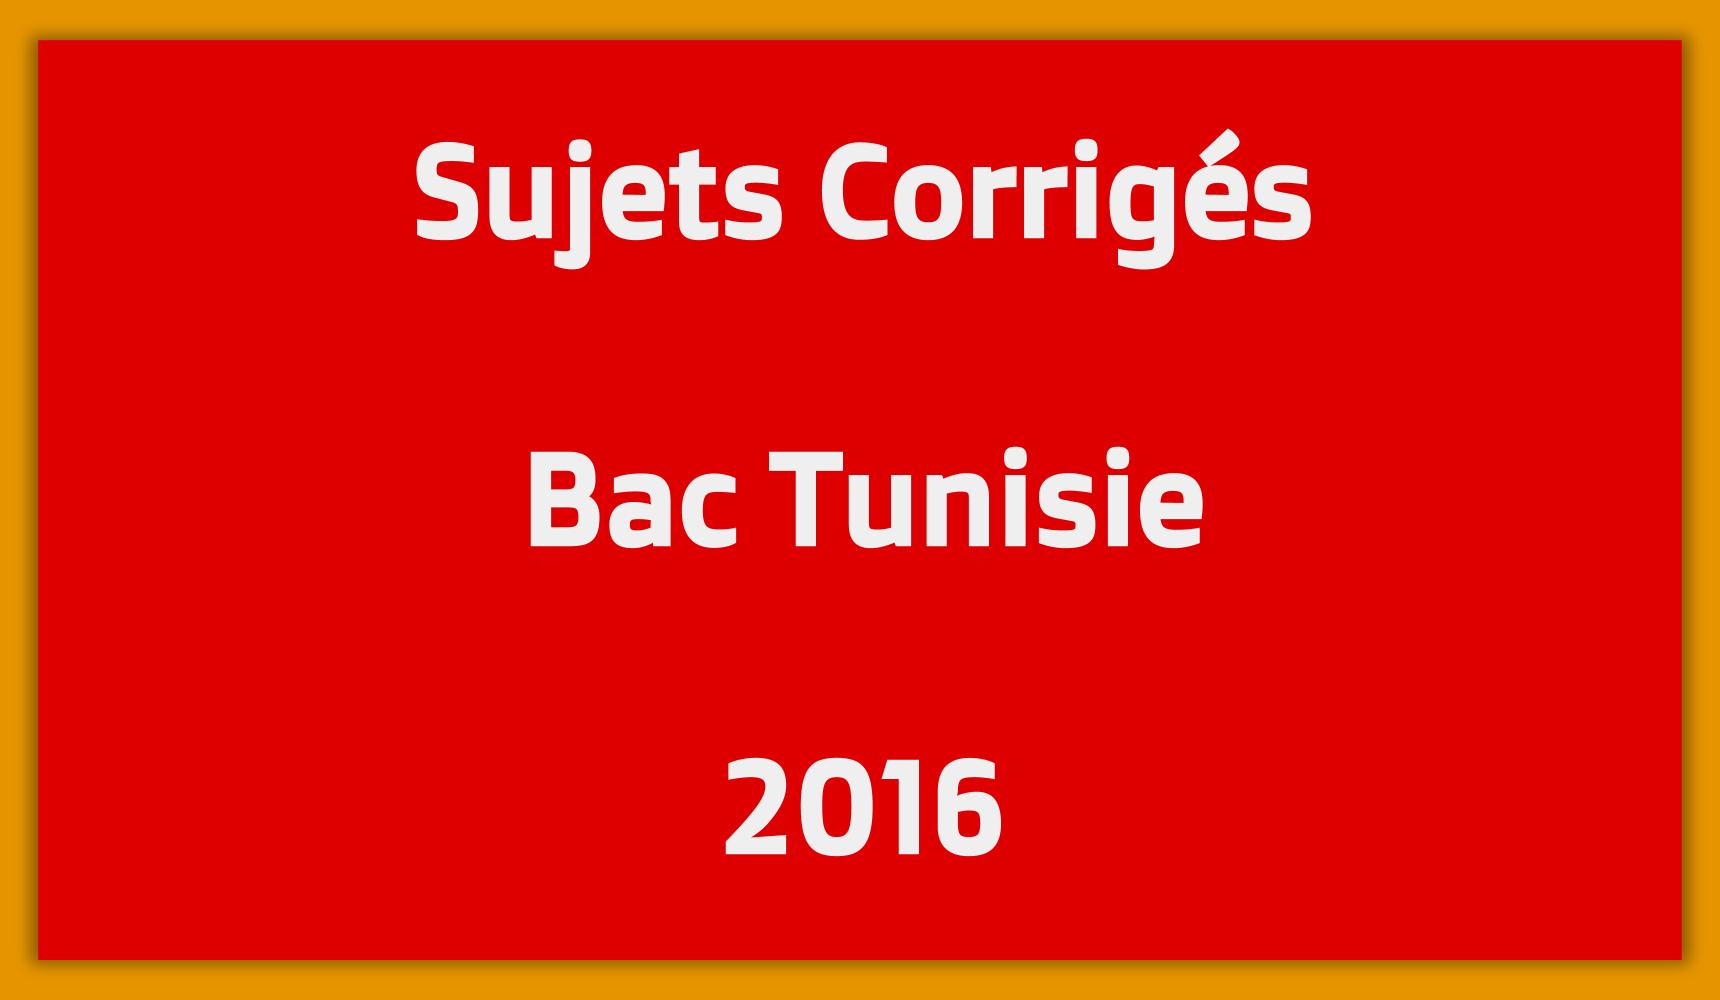 Sujets Corrigés Bac Tunisie 2016